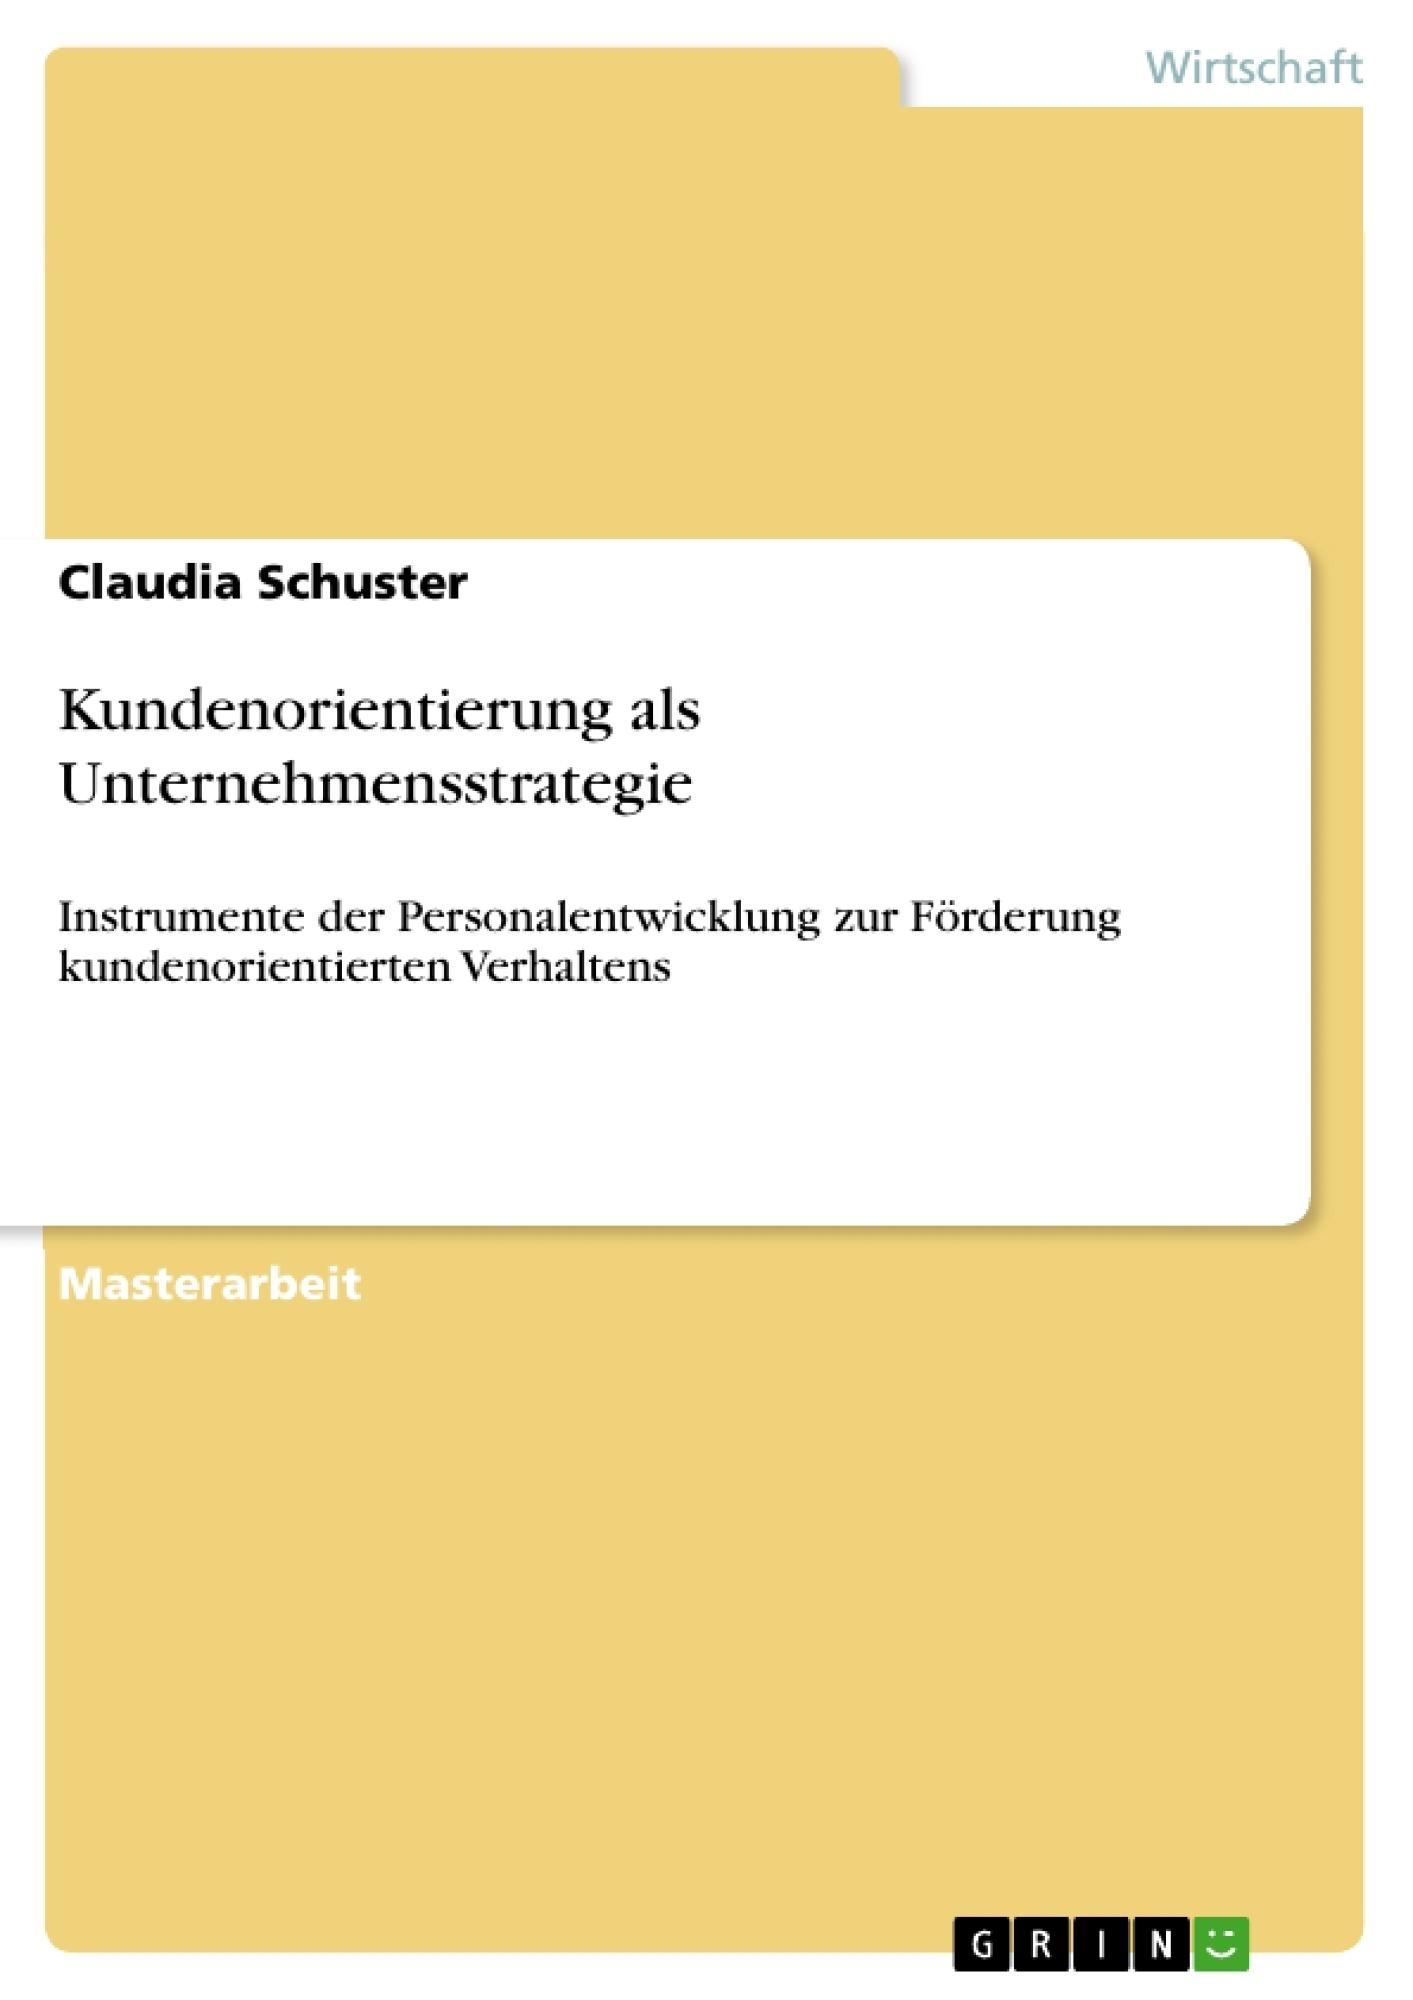 Titel: Kundenorientierung als Unternehmensstrategie